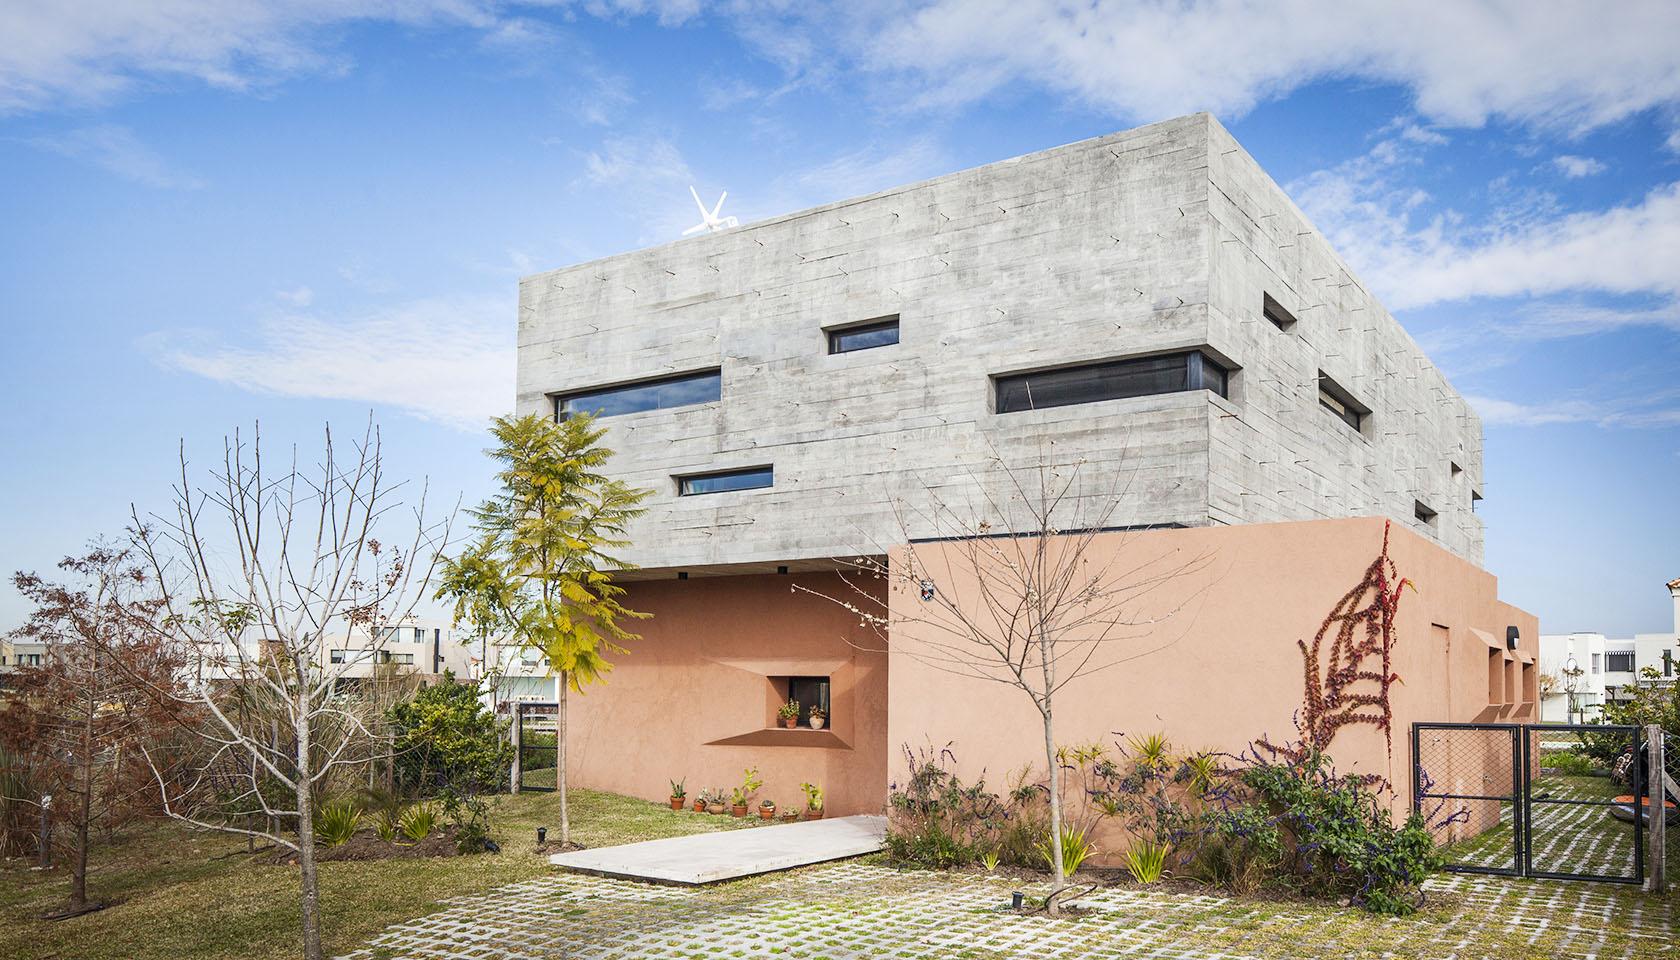 casas contemporáneas, ventanas horizontales